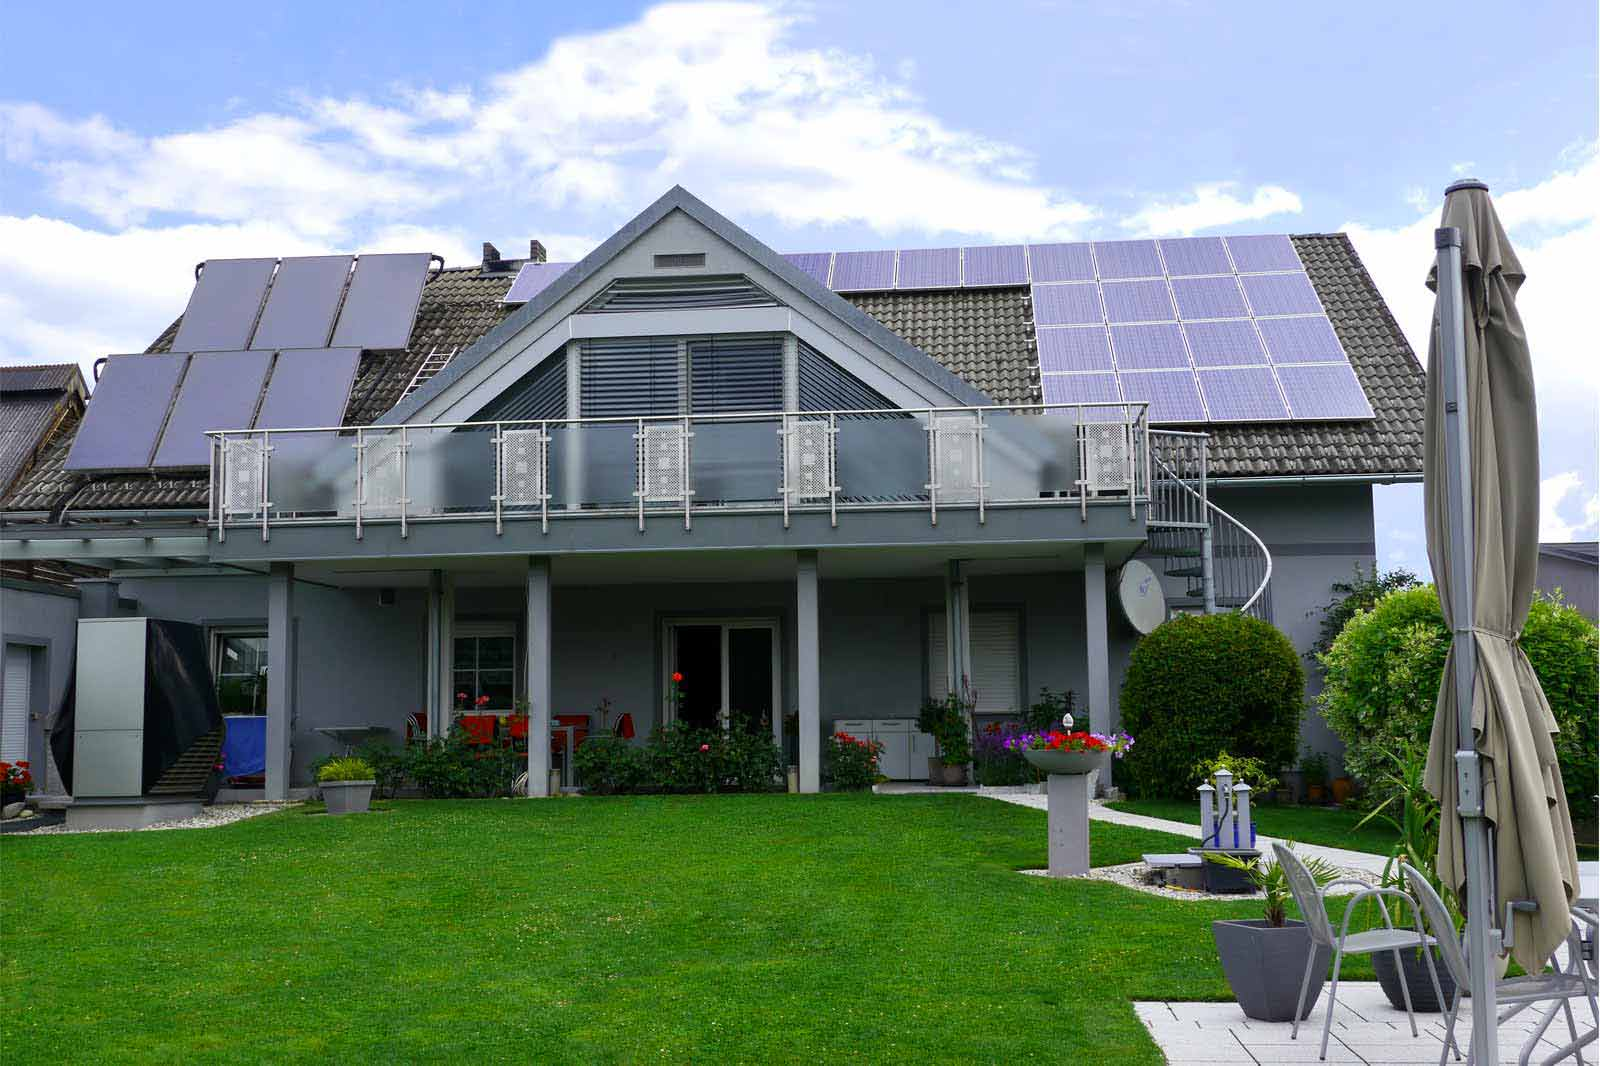 Blaugraues Einfamilienhaus mit Wärmepumpe und Photovoltaik am Dach